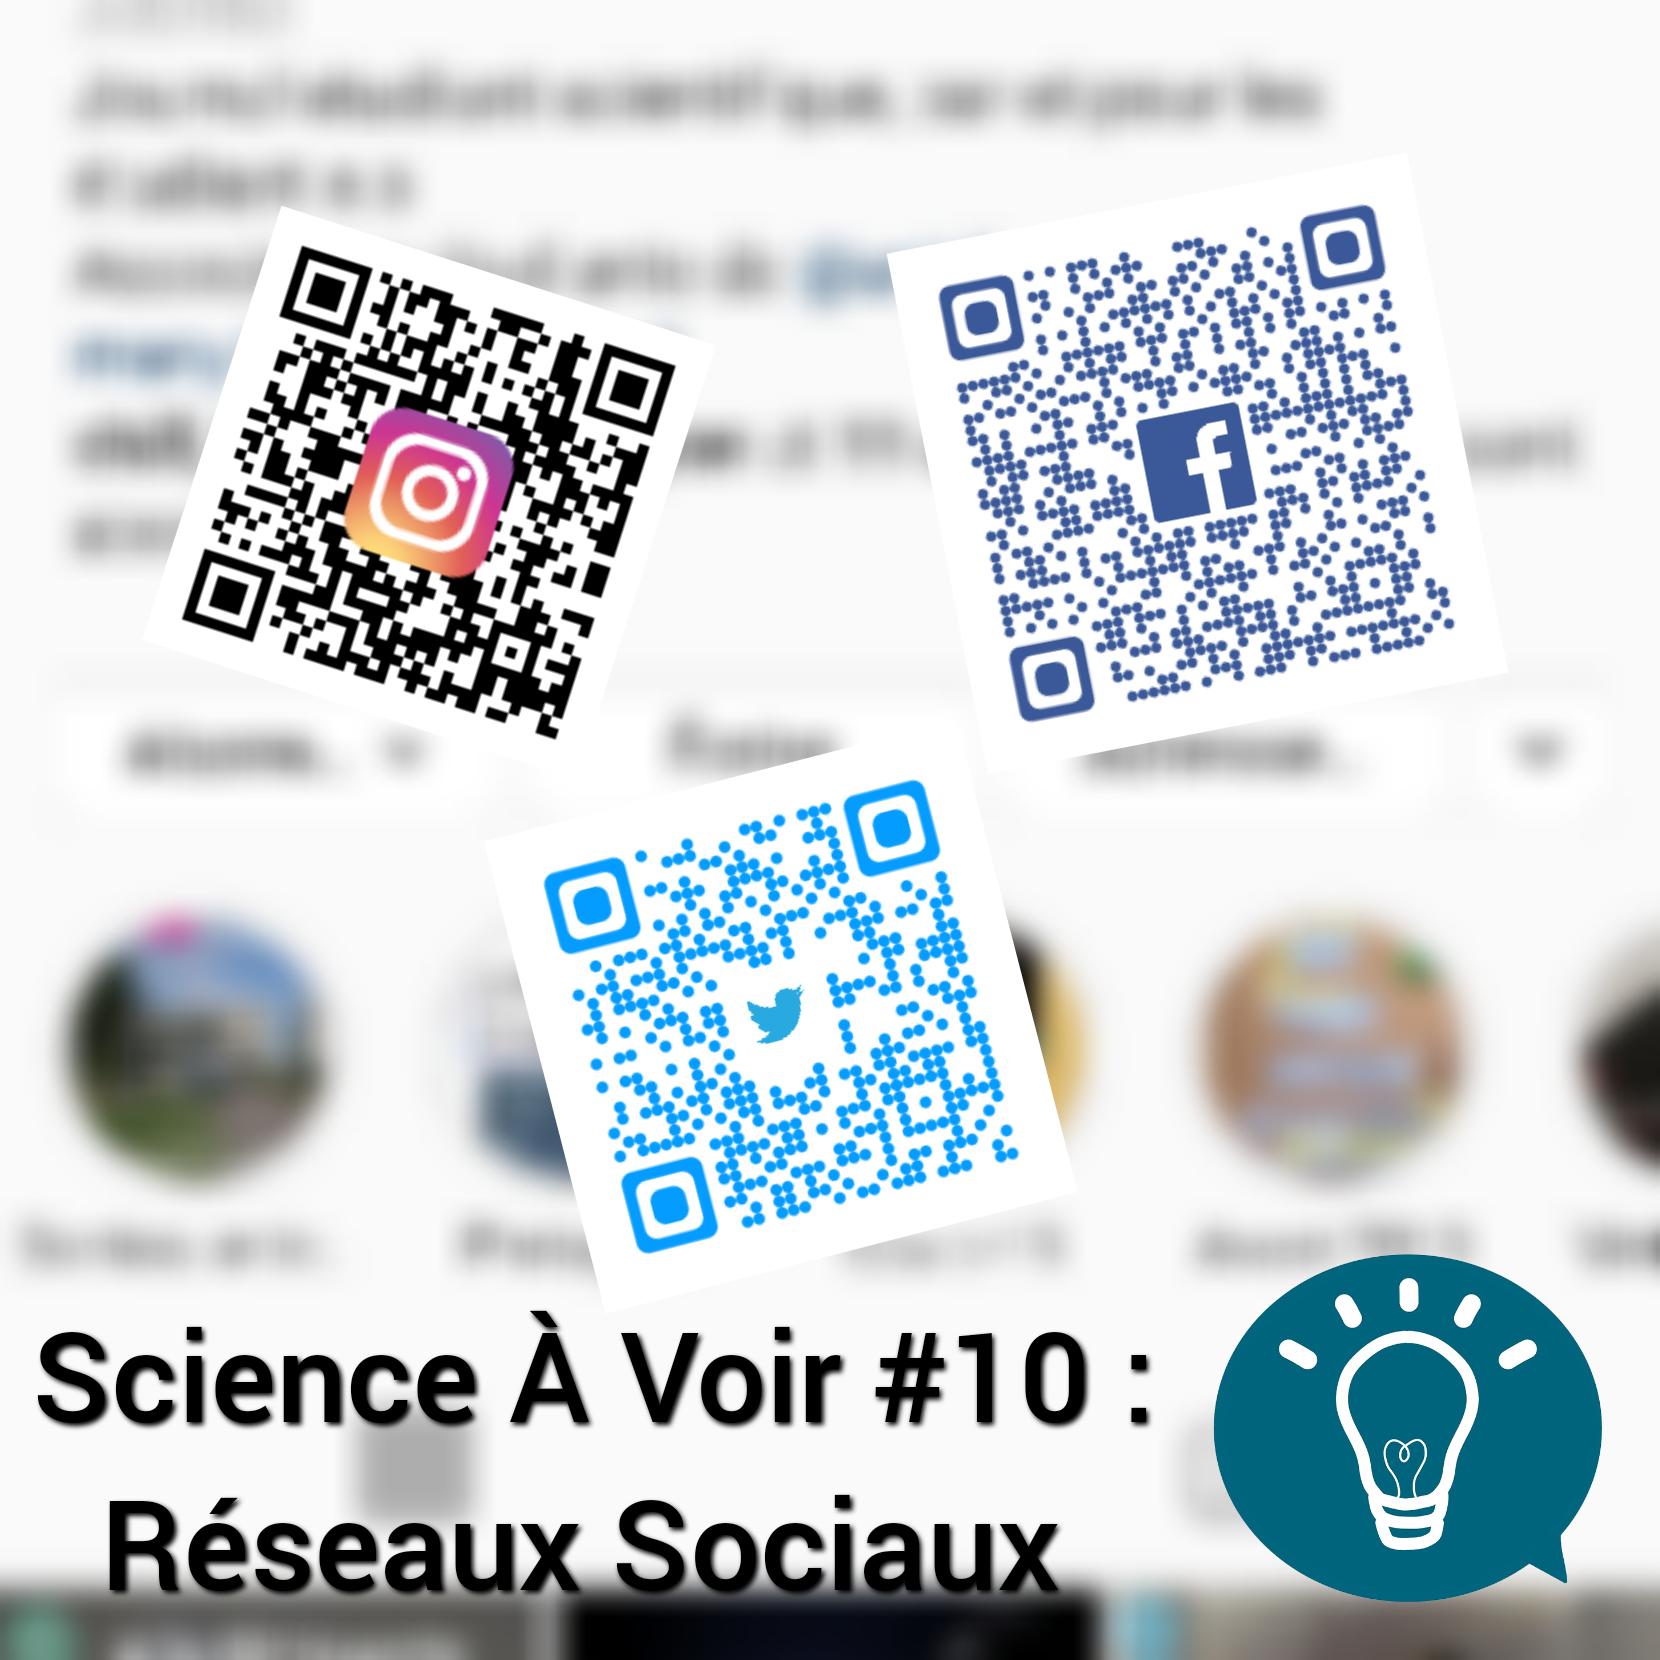 Science à voir épisode 10, season finale: Spécial réseaux sociaux